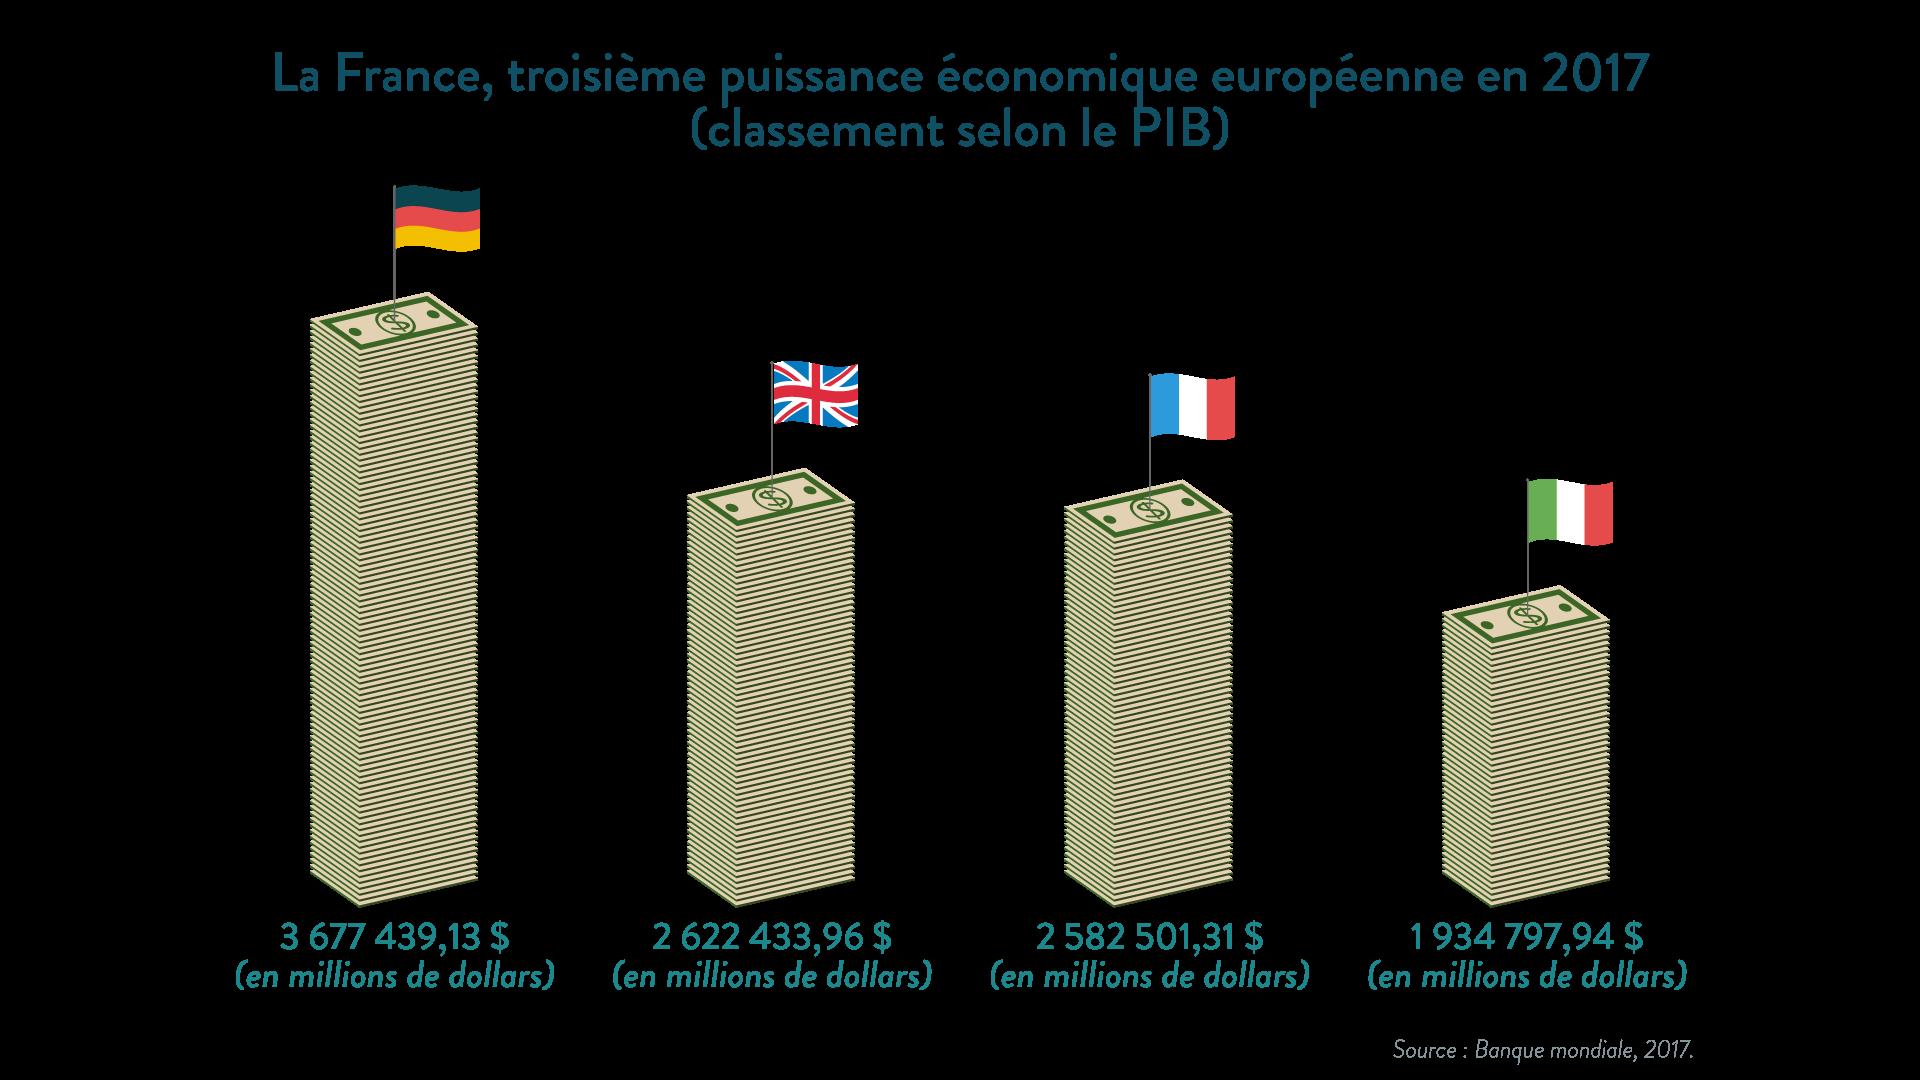 La France, troisième puissance économique européenne en 2017 - SchoolMouv - géographie 1re